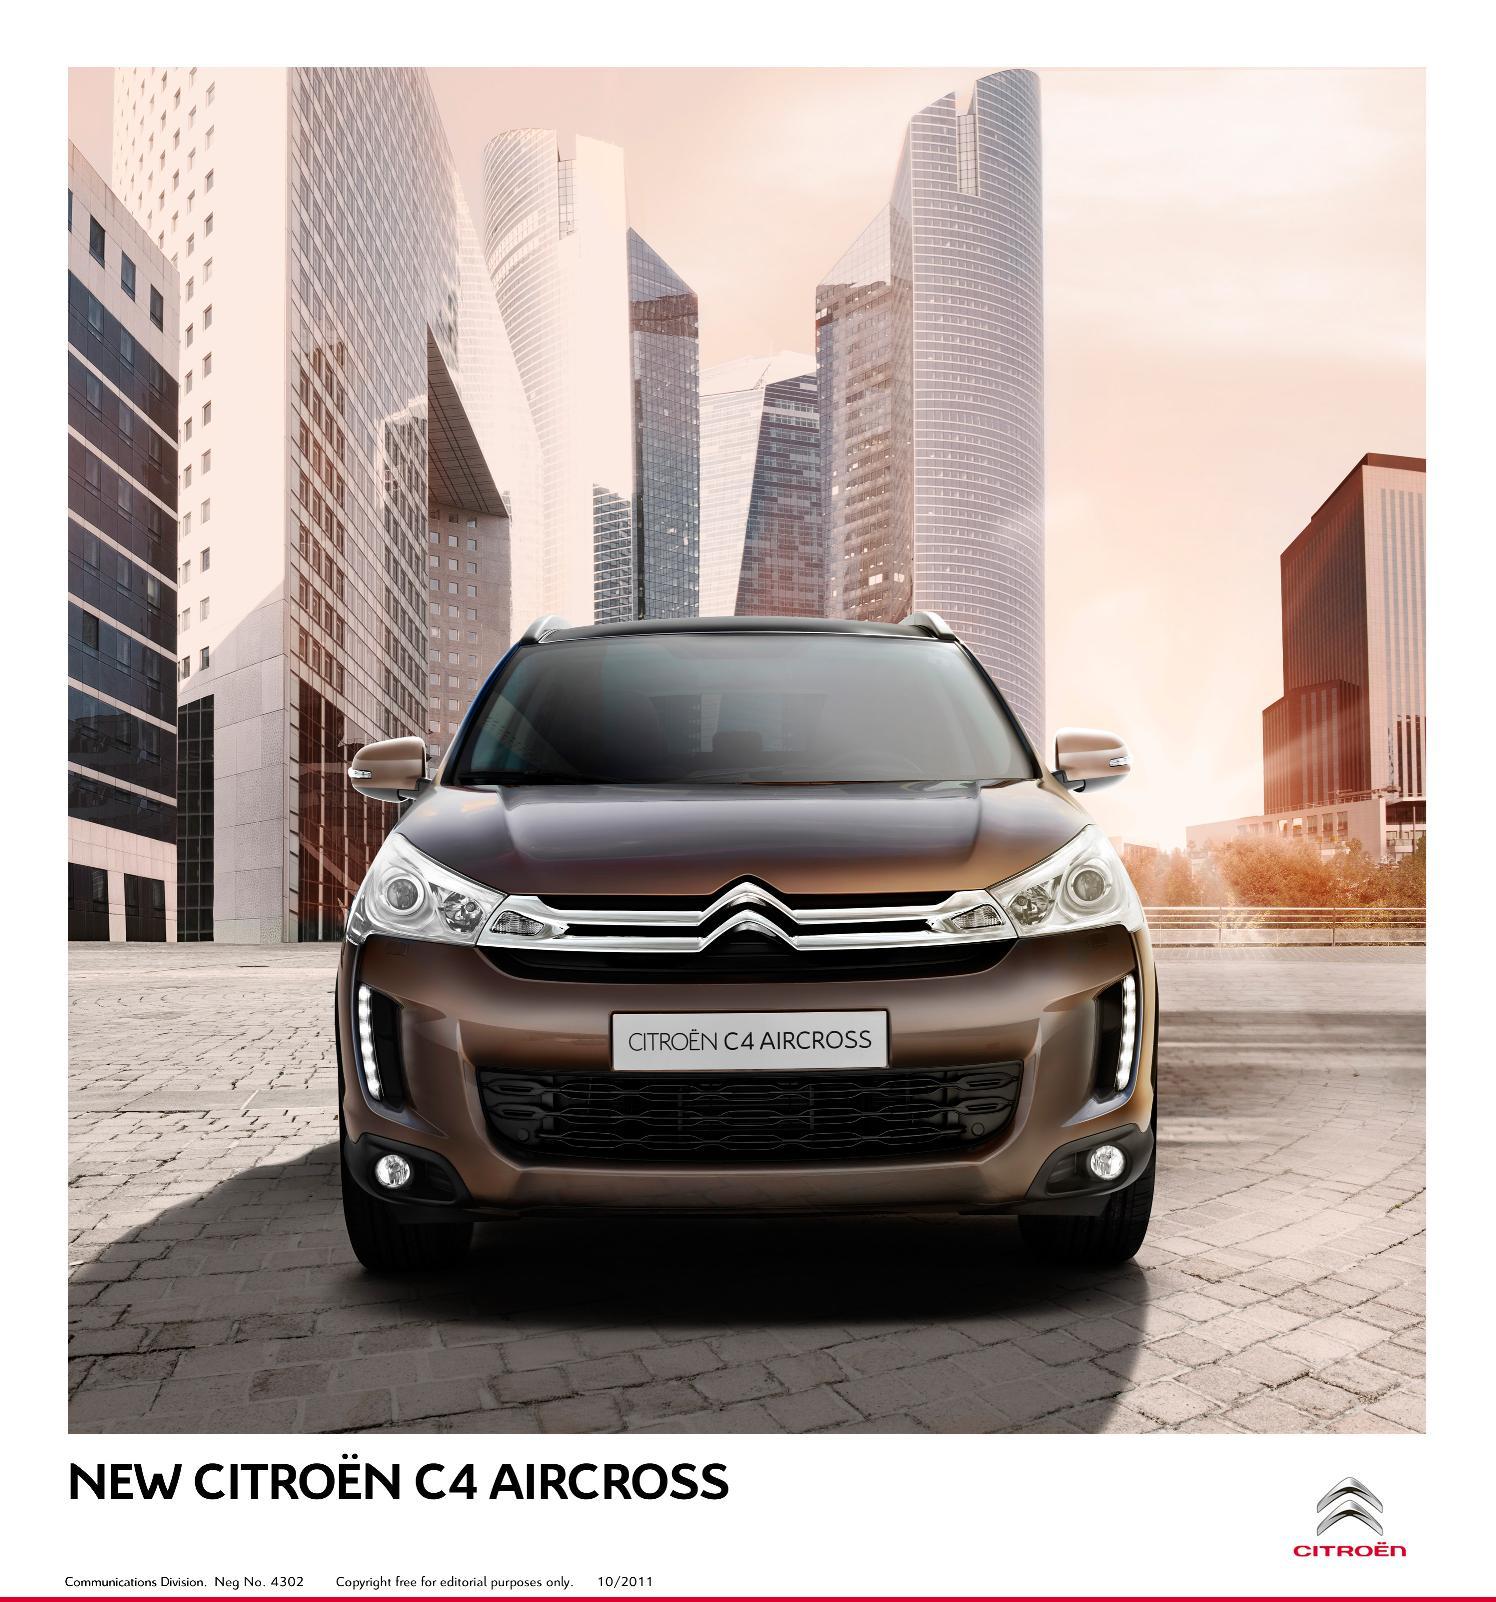 Citroën C4 Aircross 2014